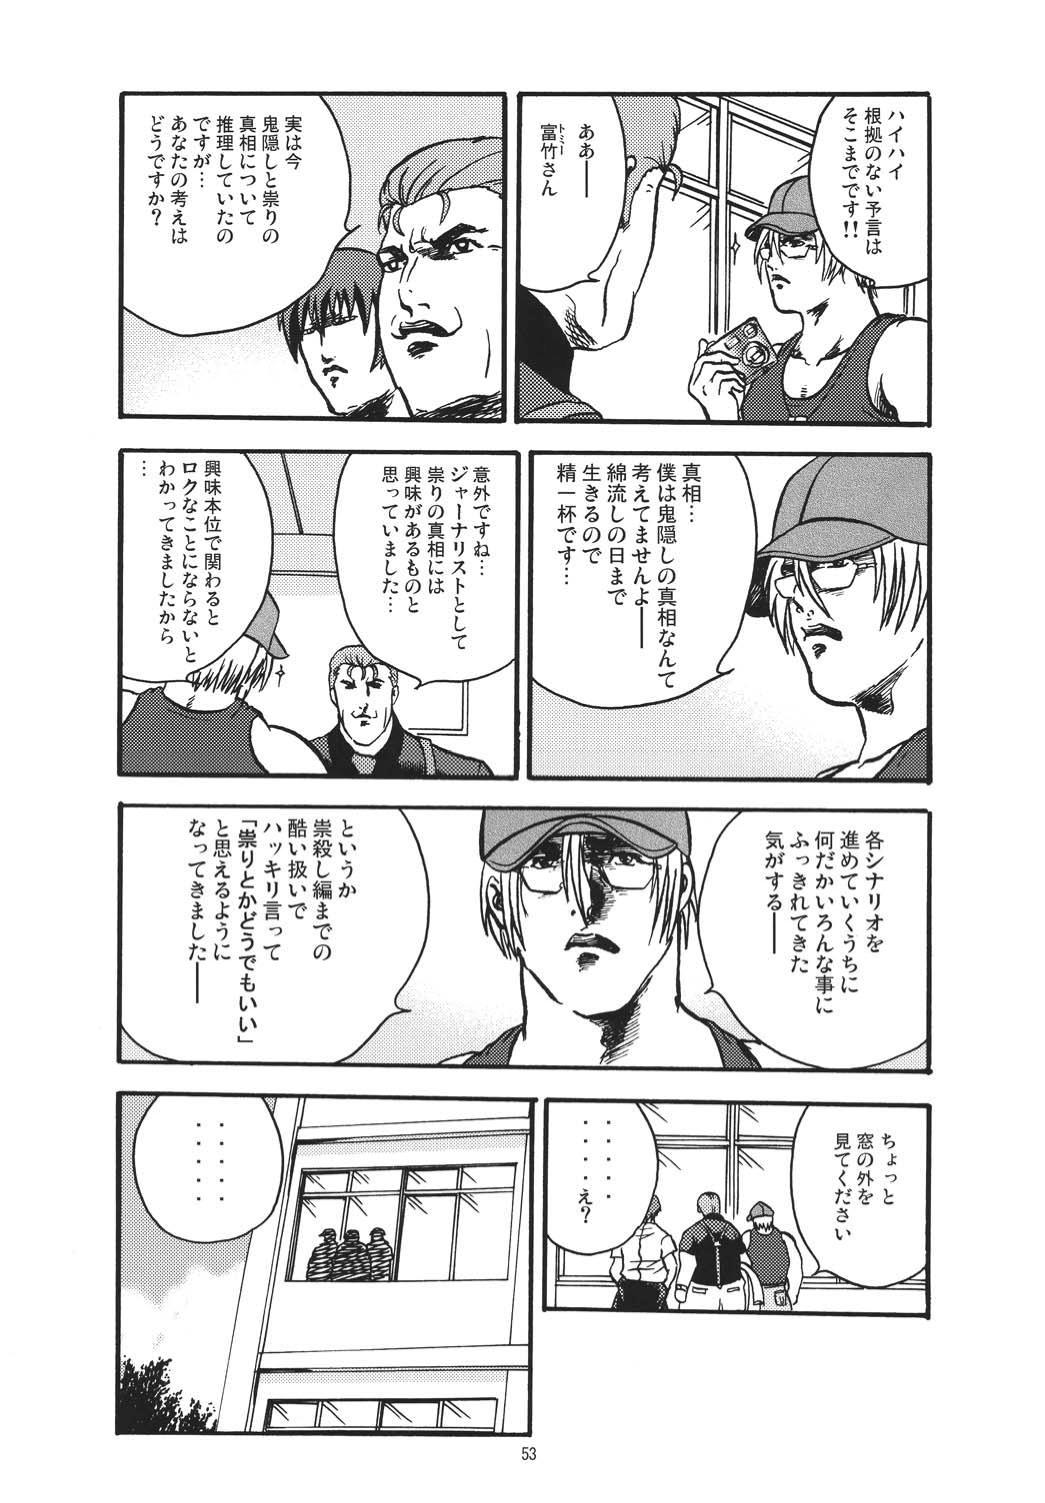 Miwaku 51